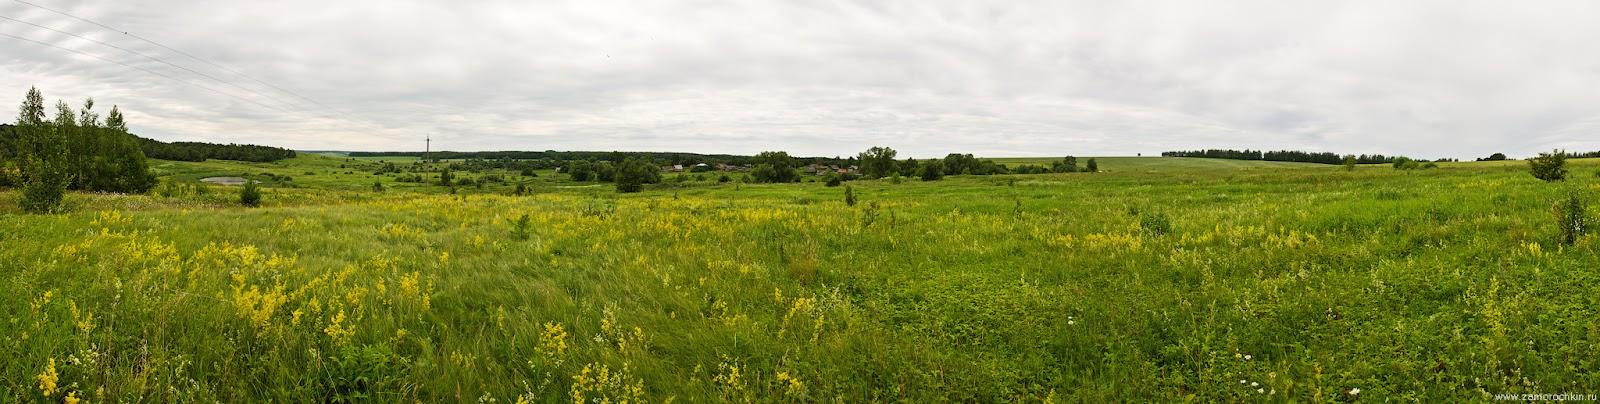 Типичный российский пейзаж средней полосы - луг, лес, деревня